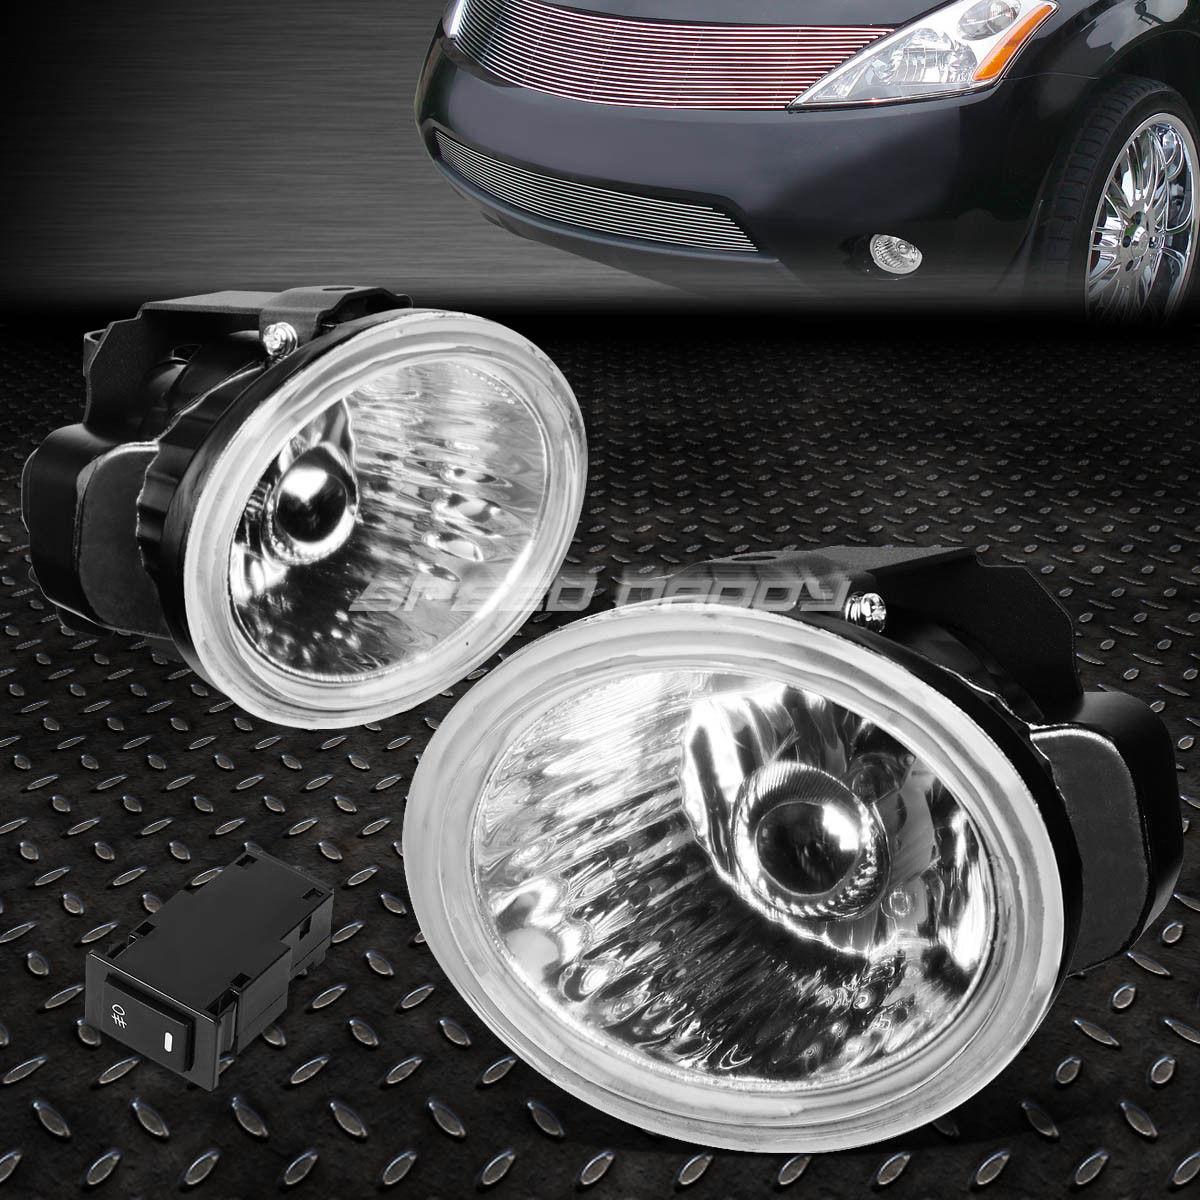 フォグライト FOR 02-04 ALTIMA/-05 FX/-07 MURANO CHROME LENS OE DRIVING FOG LIGHT LAMP+SWITCH 02-04アルティマ/ -05 FX / -07ムラノクロームレンズOE駆動フォグライトランプ+スイッチ